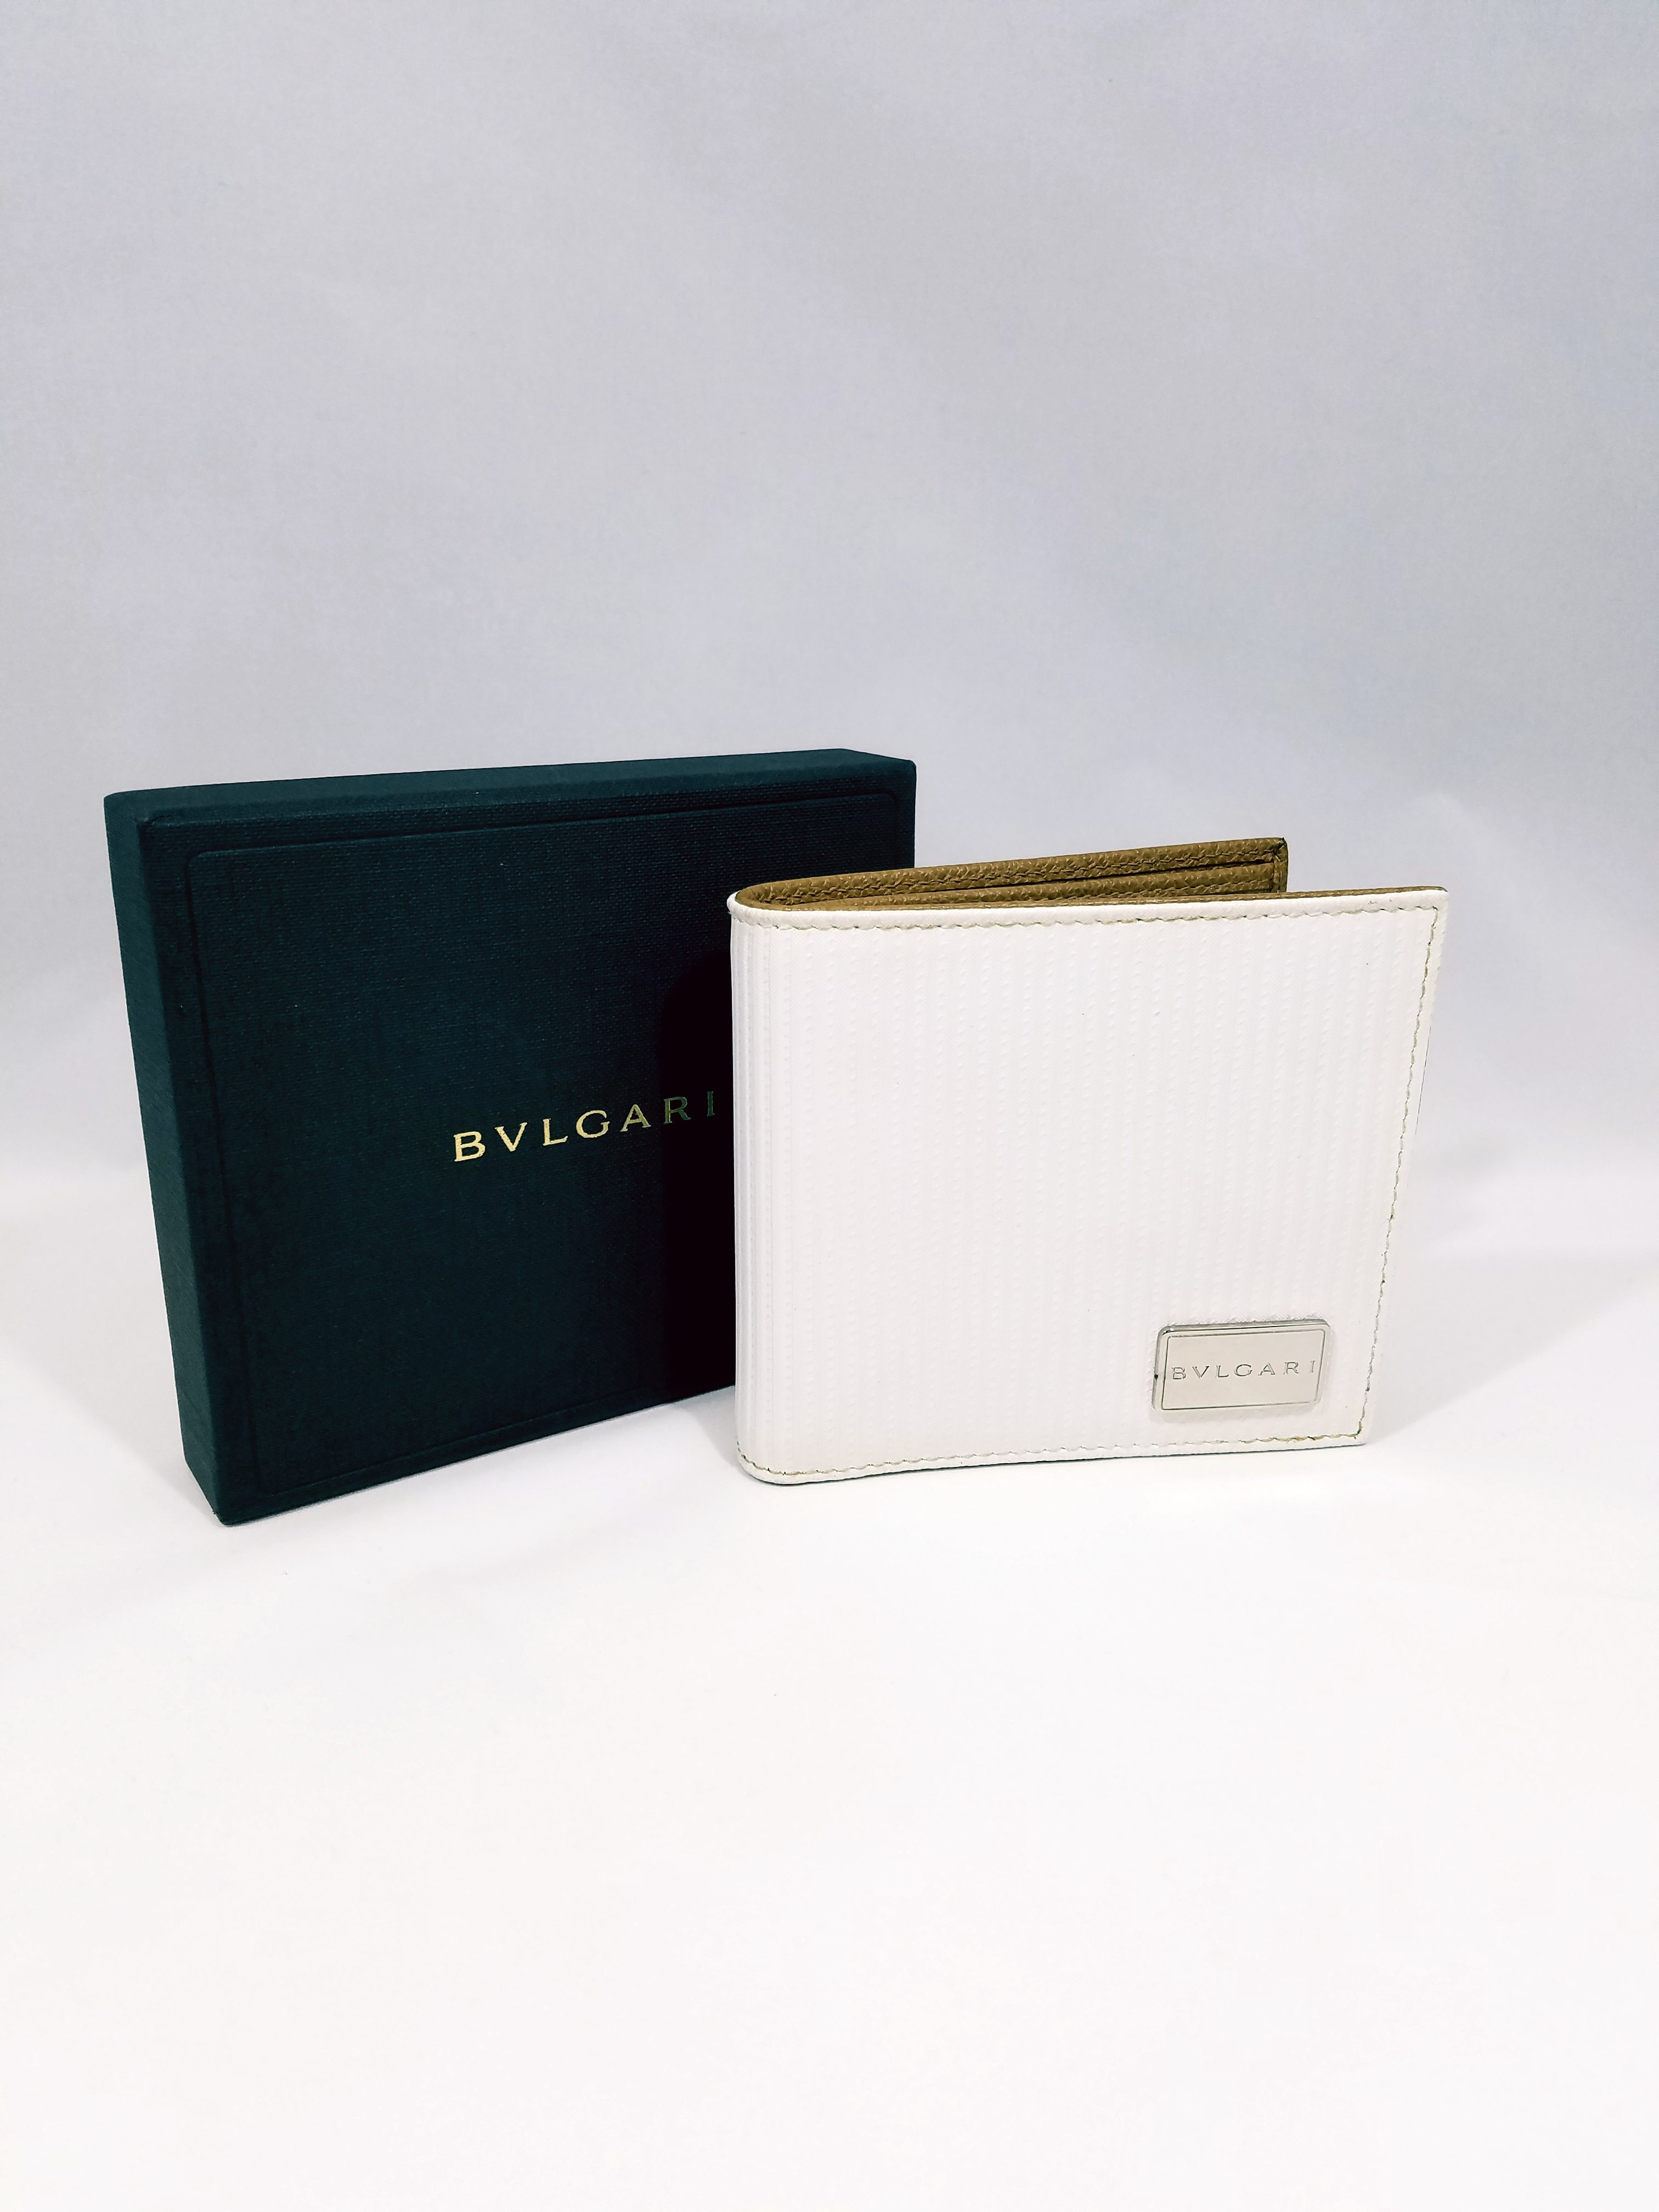 ブルガリ ミレリゲ メンズ財布 ダスティーホワイト カーフレザー